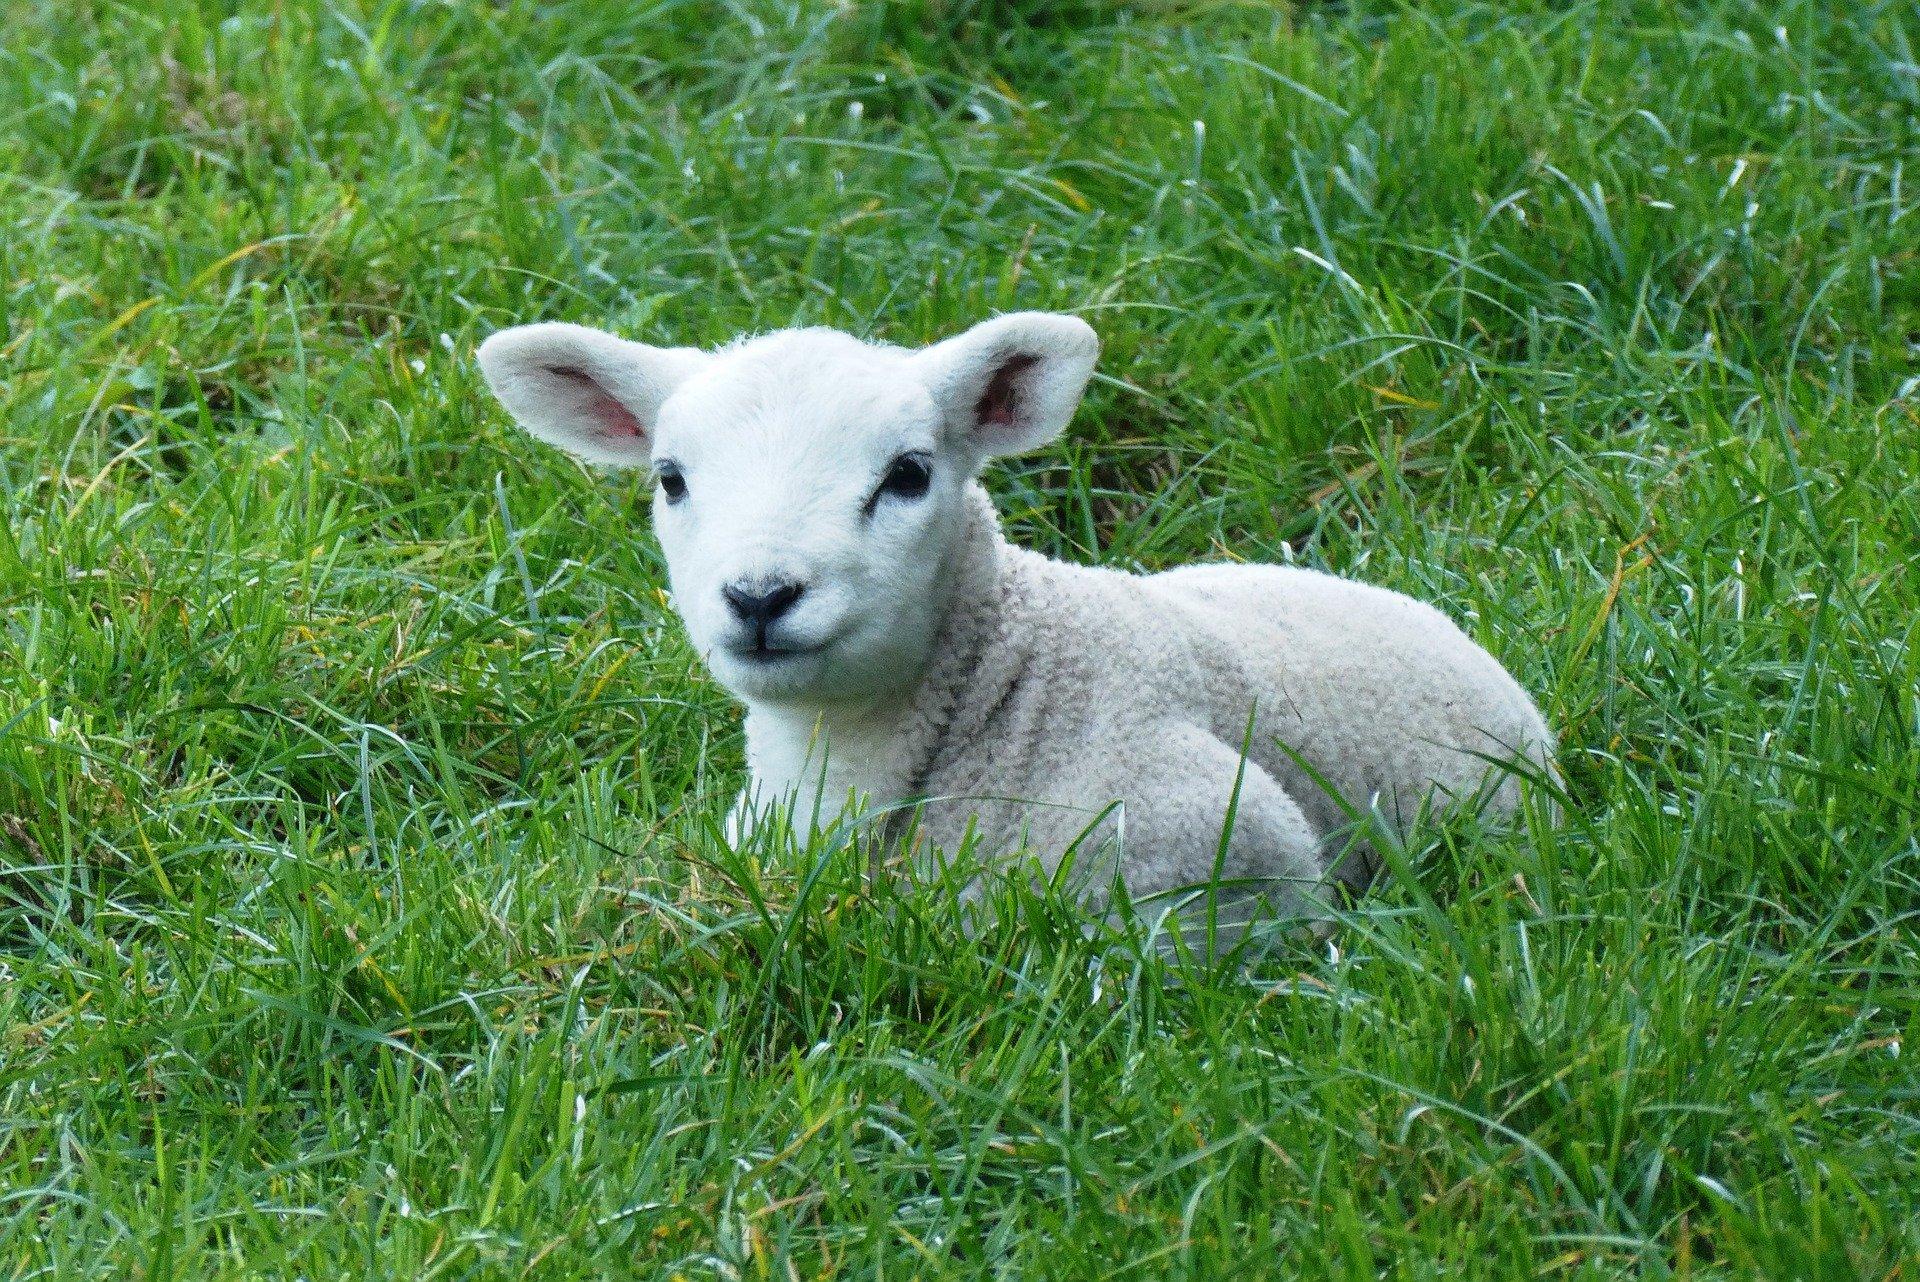 När lammen inte tystnar